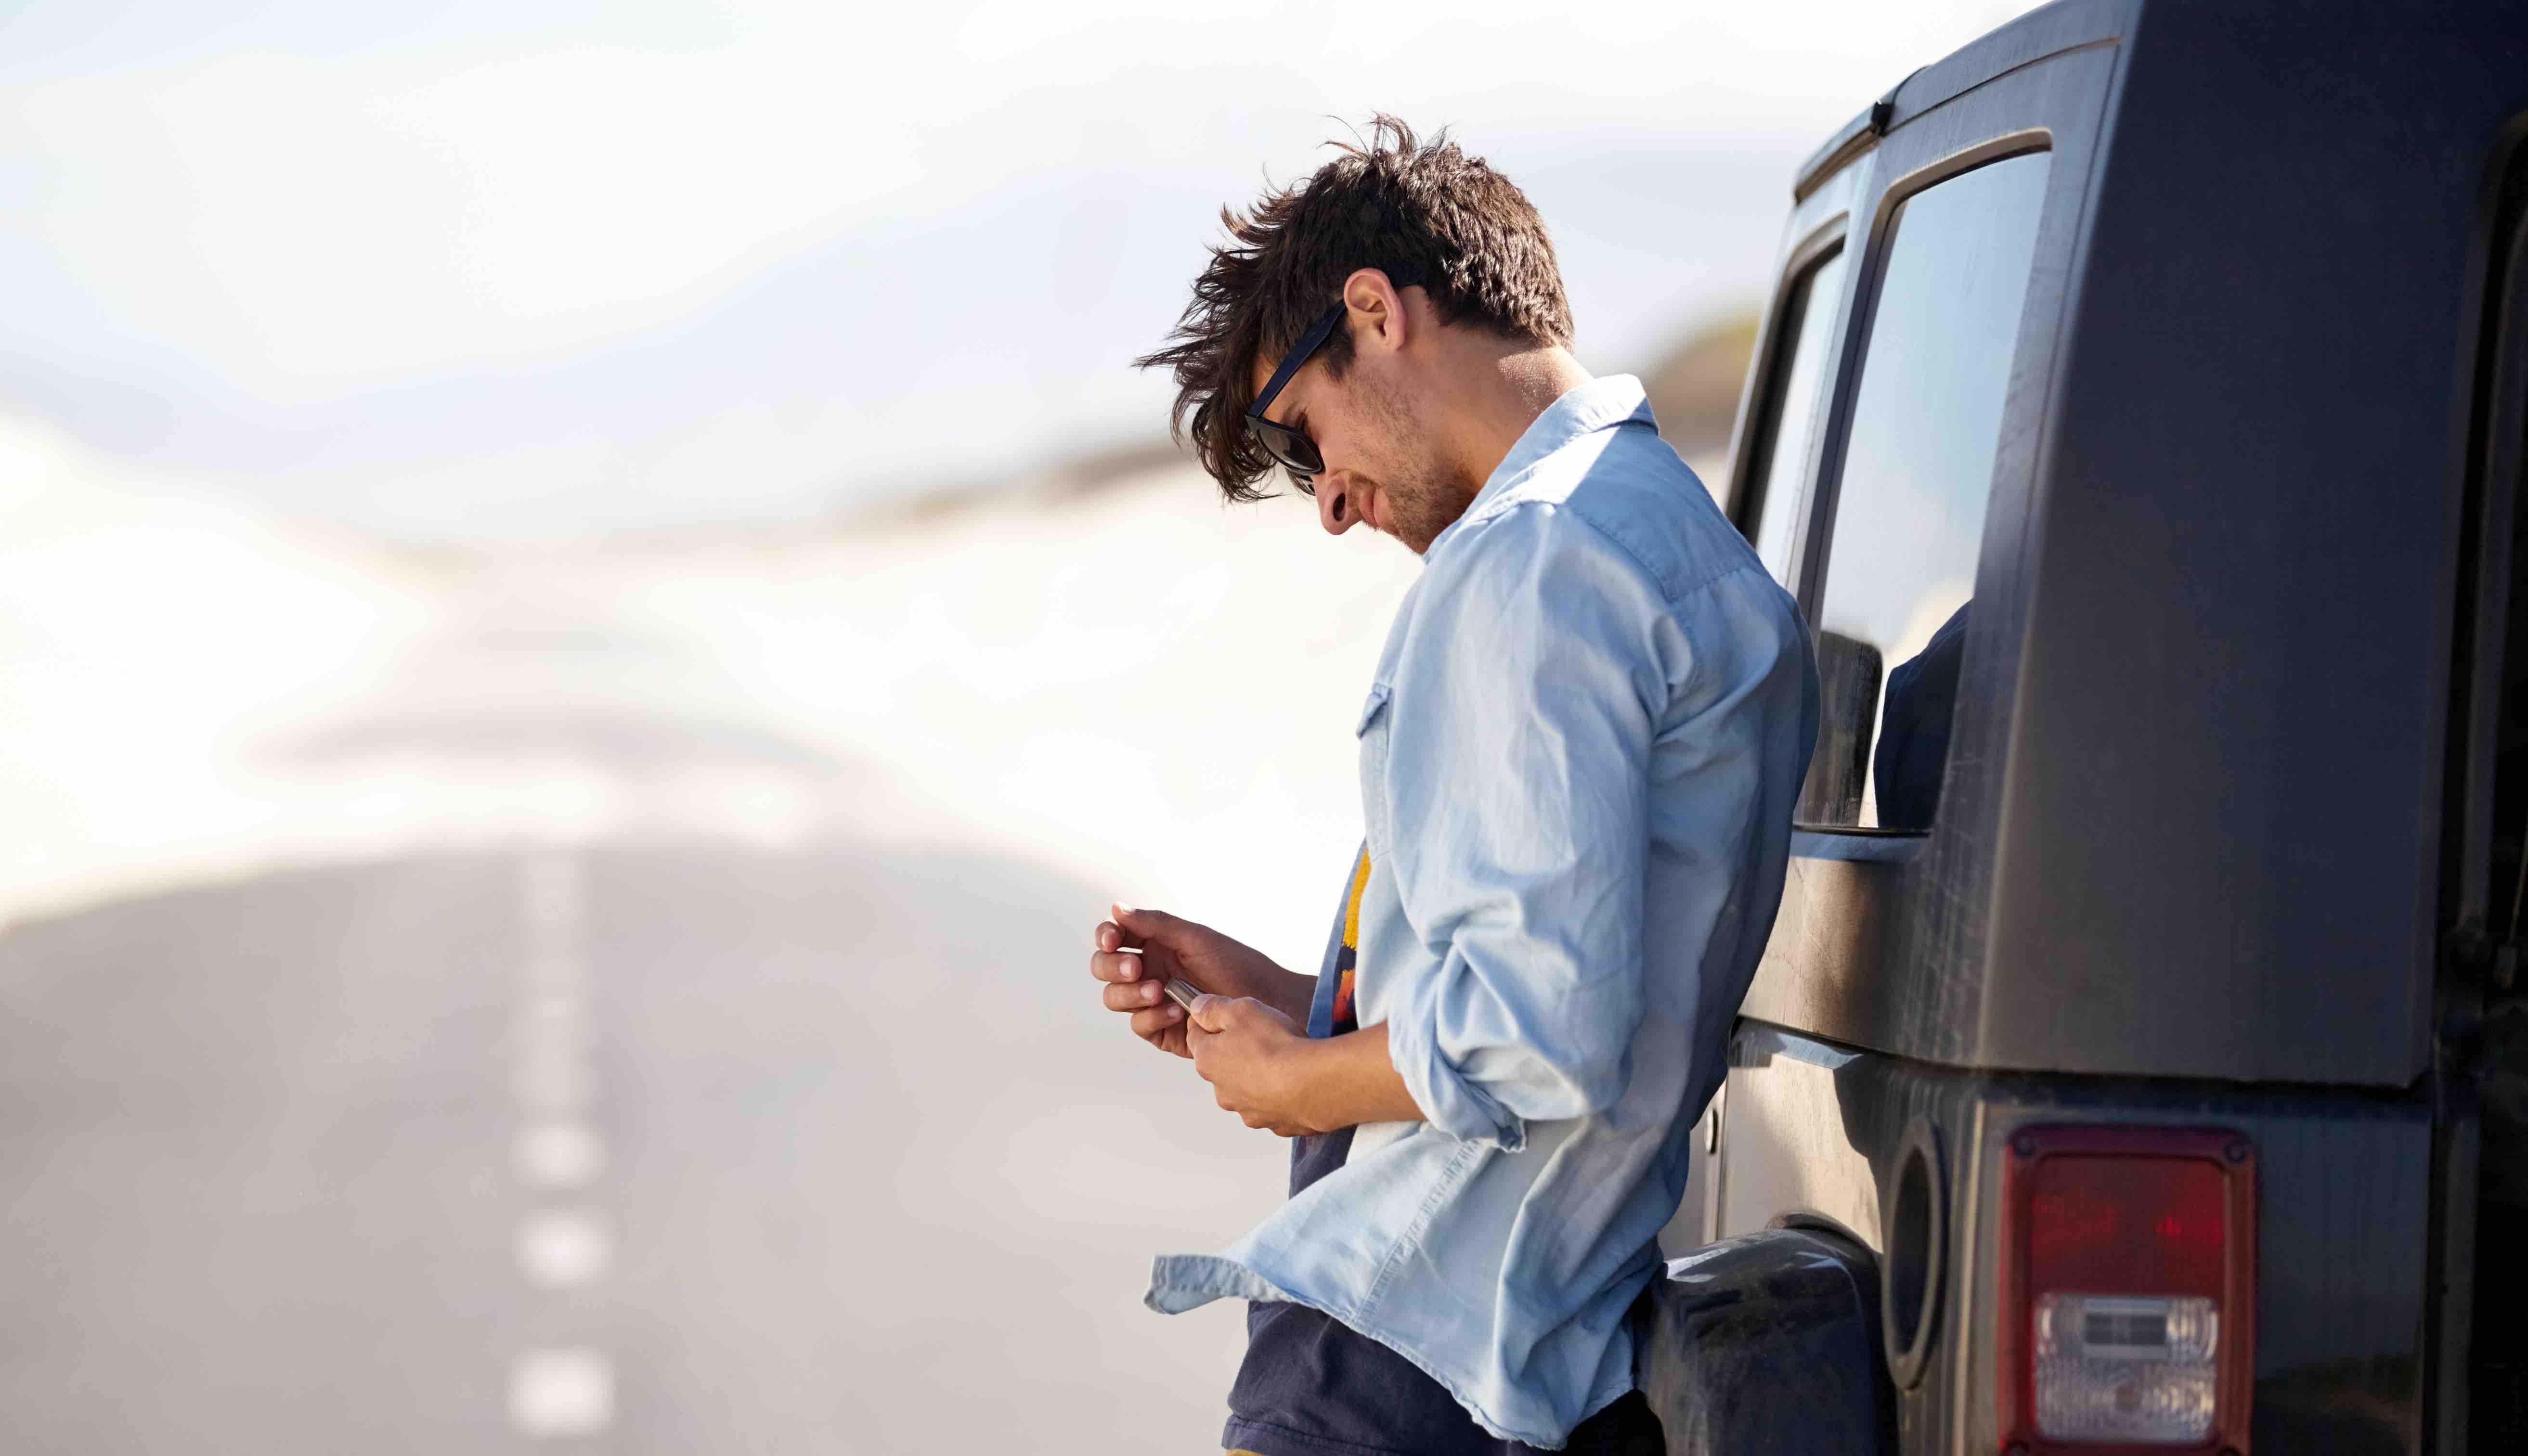 Mann surft im Internet auf der Autobahn